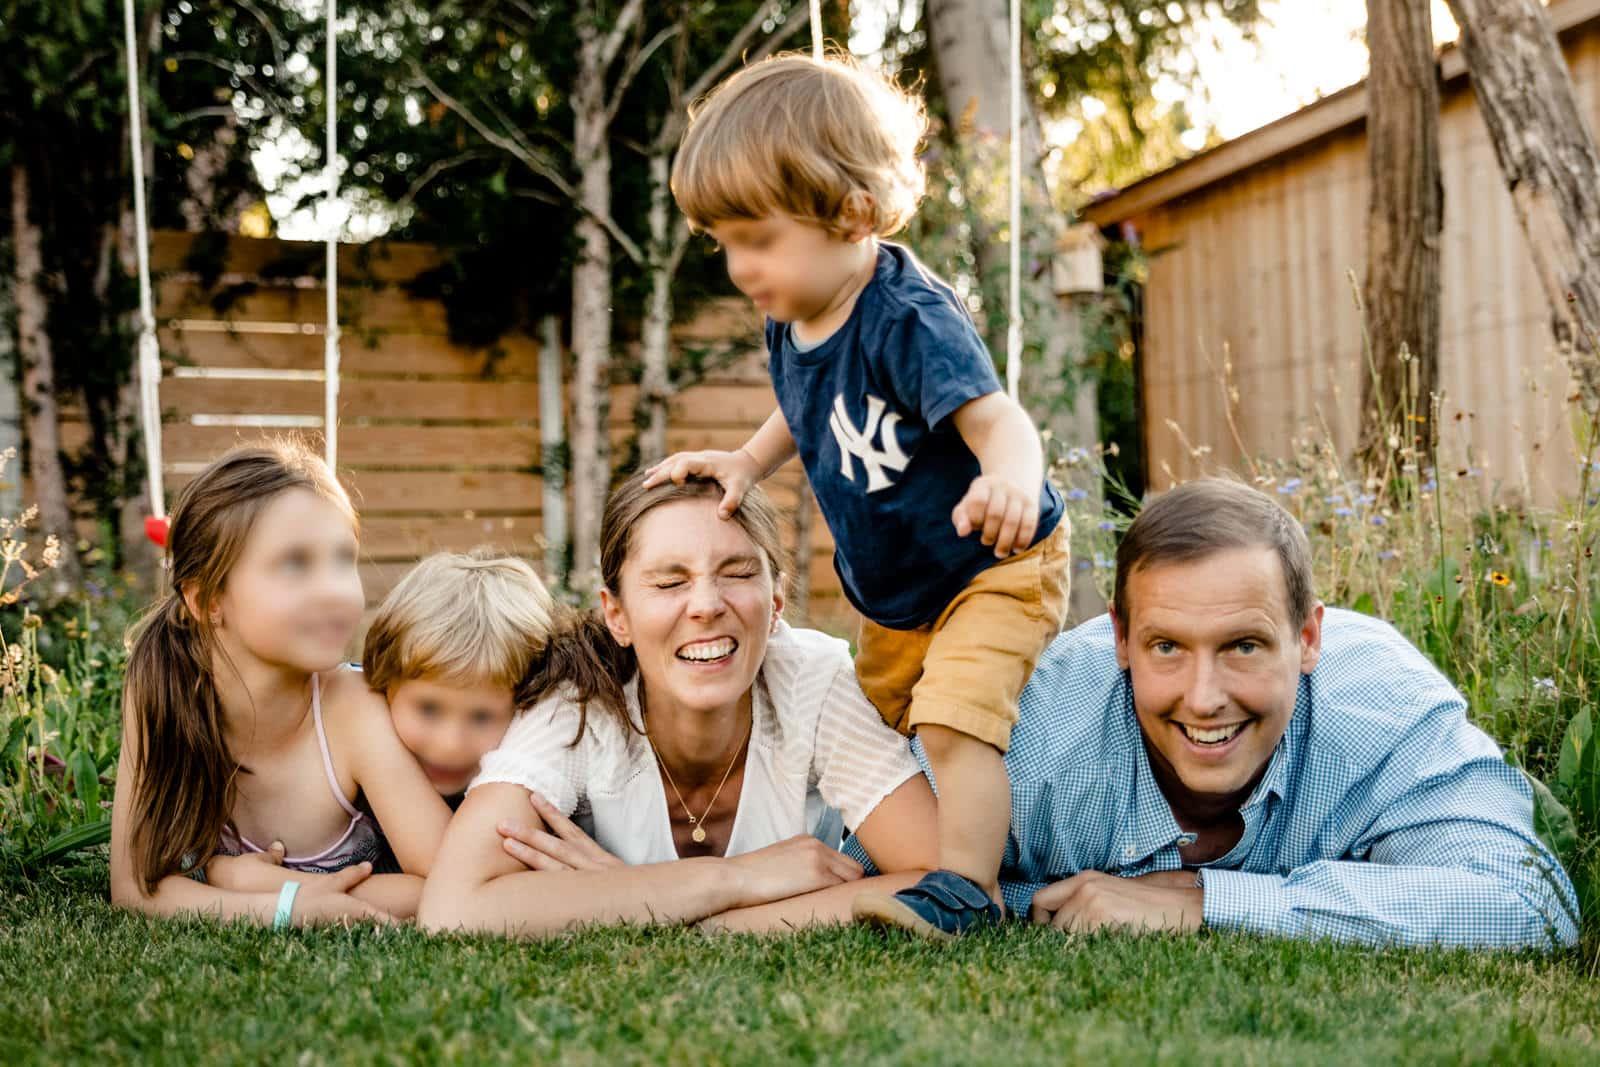 Eine Familie liegt auf dem Rasen und lacht in die Kamera während der Sohn über alle drüber steigt